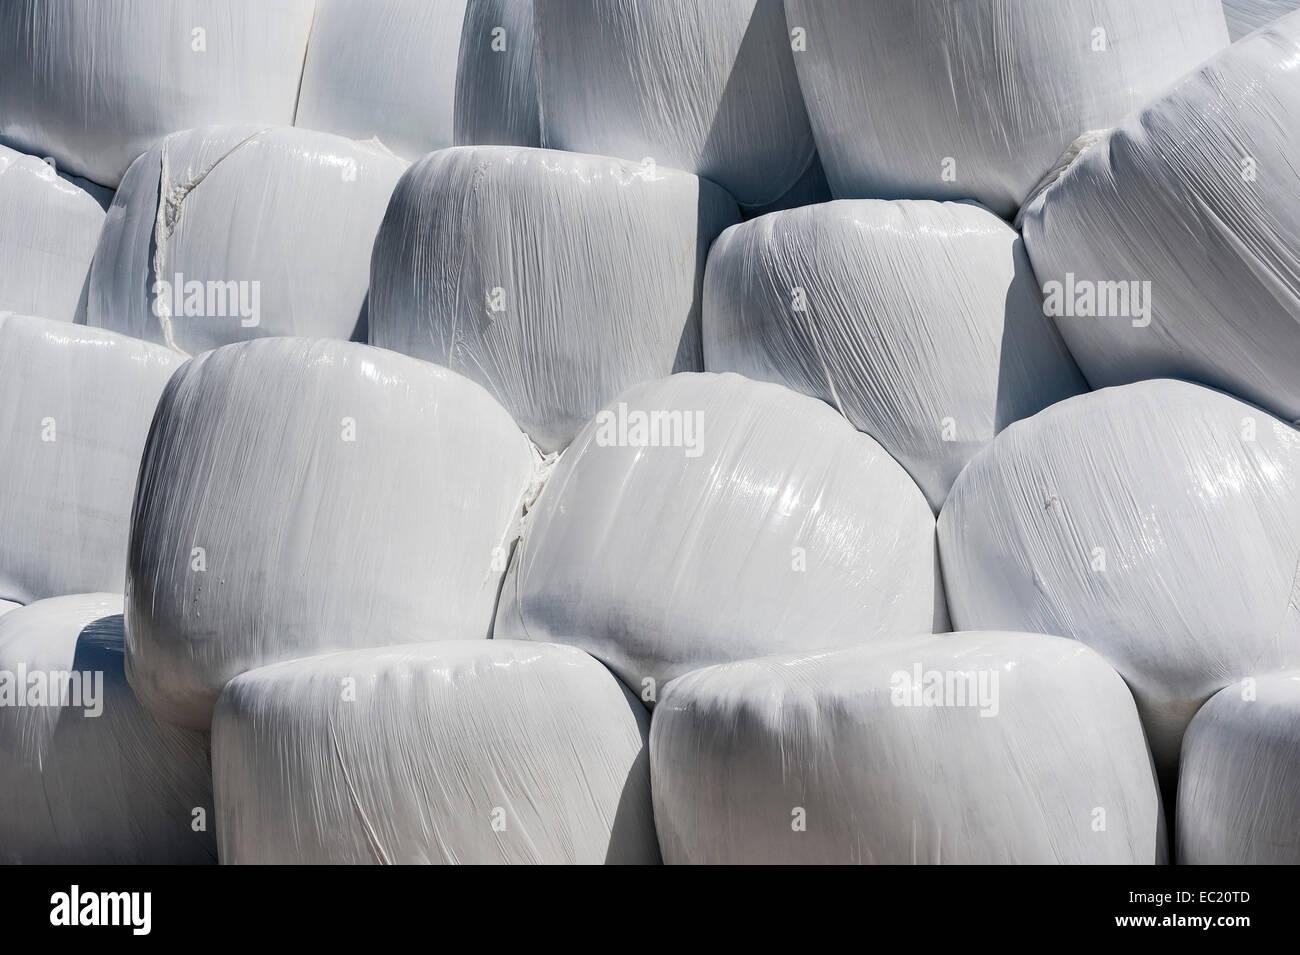 Balle di fieno in involucro di plastica, Baviera, Germania Immagini Stock